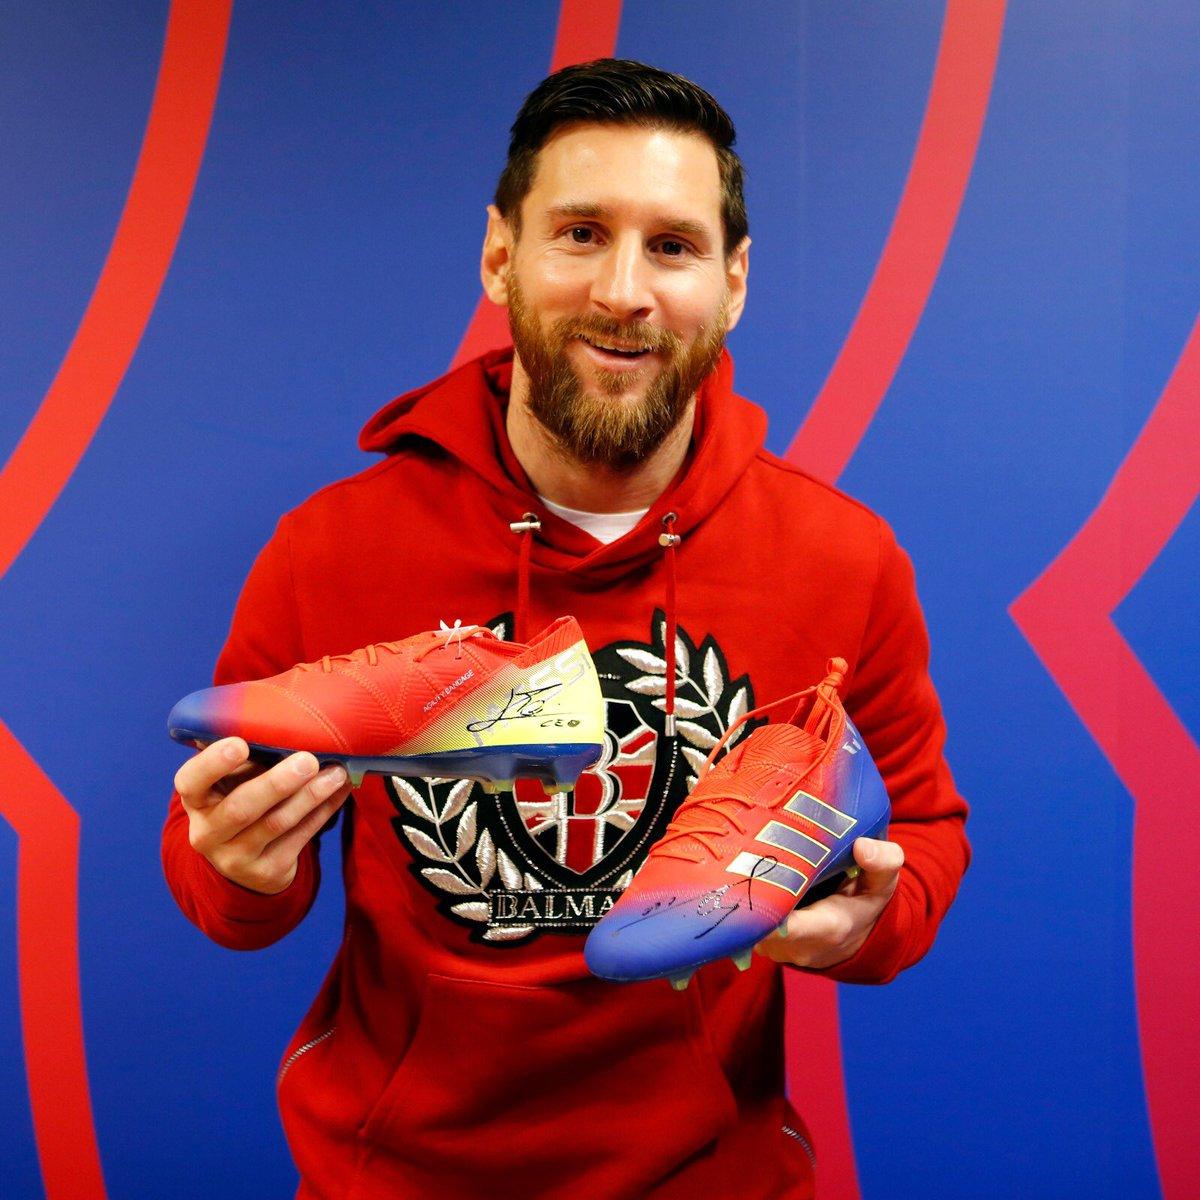 ❗️Uno de los objetos estrella de la 52 edición del @capnensj: las botas firmadas del mejor jugador del mundo. GRACIAS Leo Messi por colaborar con nosotros un año más para que todos los niños tengan regalos. #TheBest